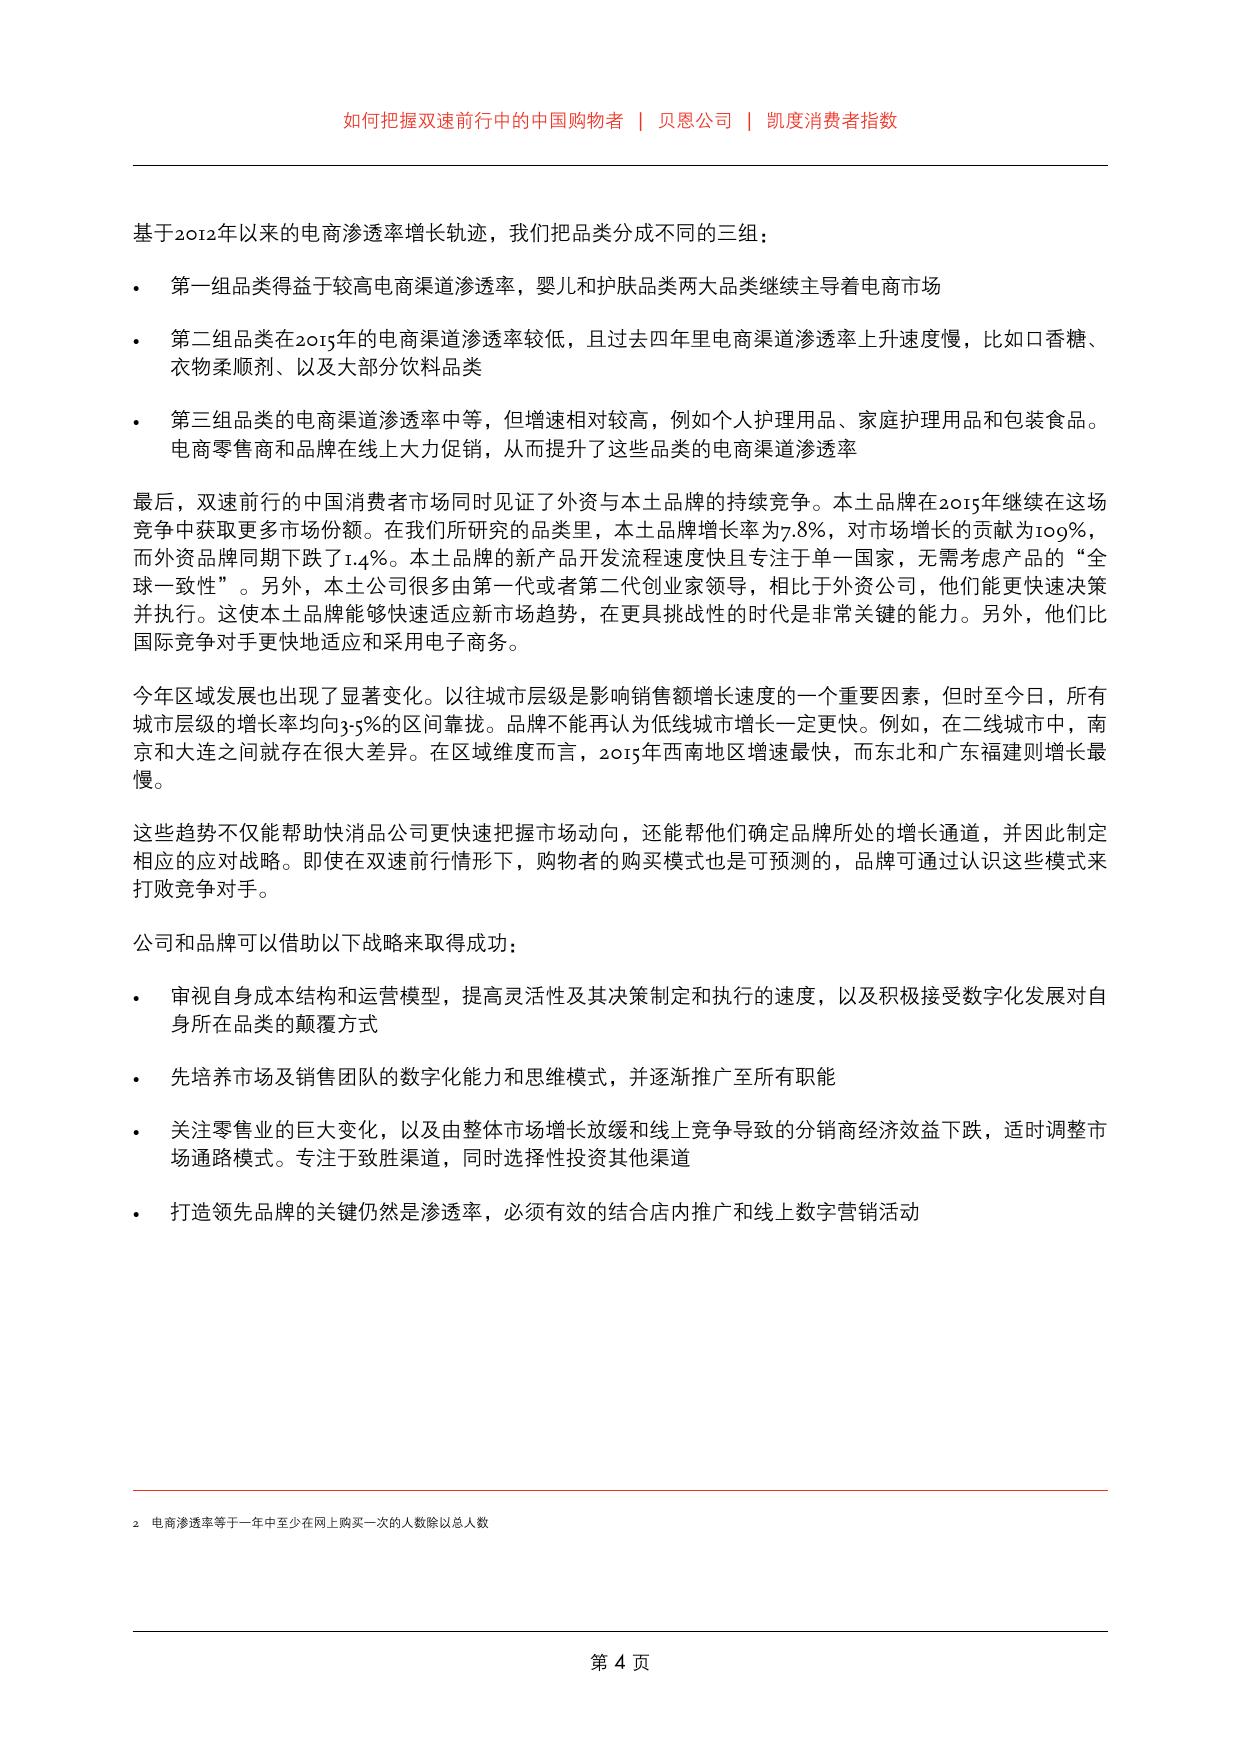 2016年中国购物者报告_000006